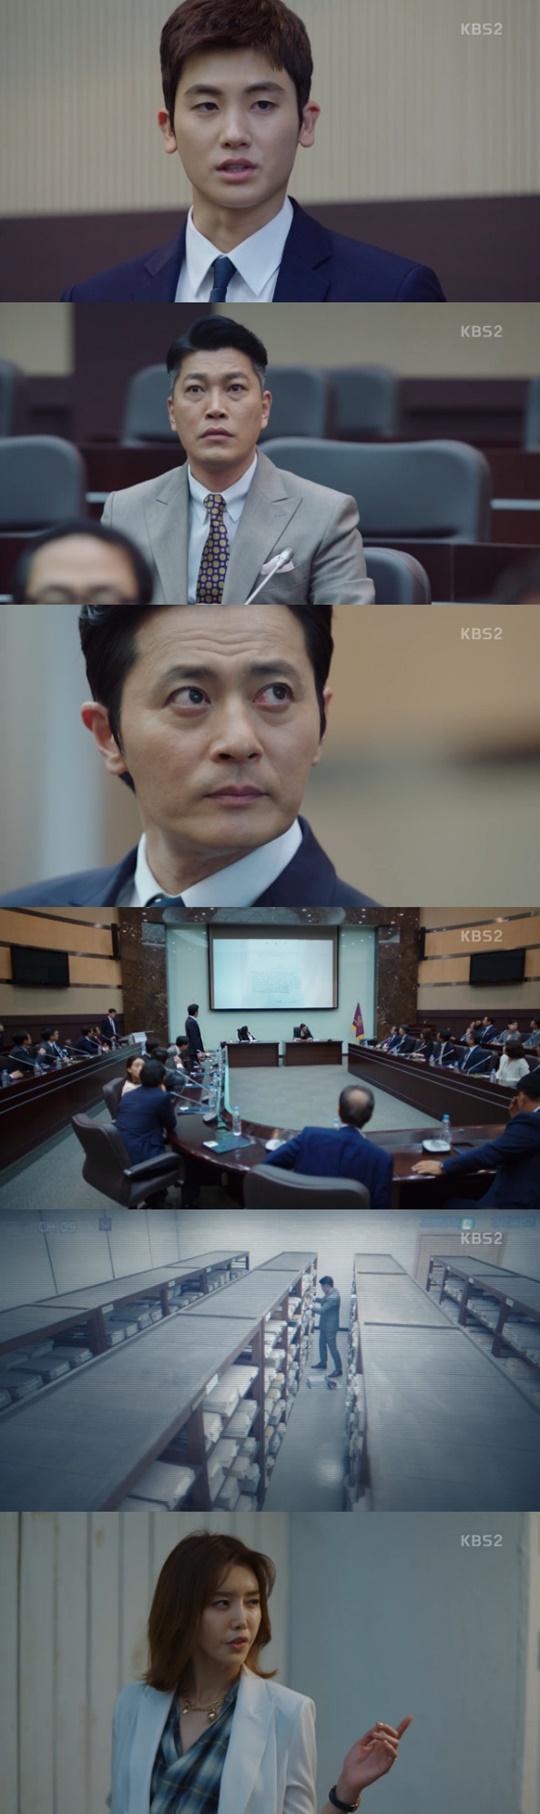 """[TV온에어] '슈츠' 가짜 변호사 박형식, 강""""함 직원 모두에게 정체 폭로당해"""